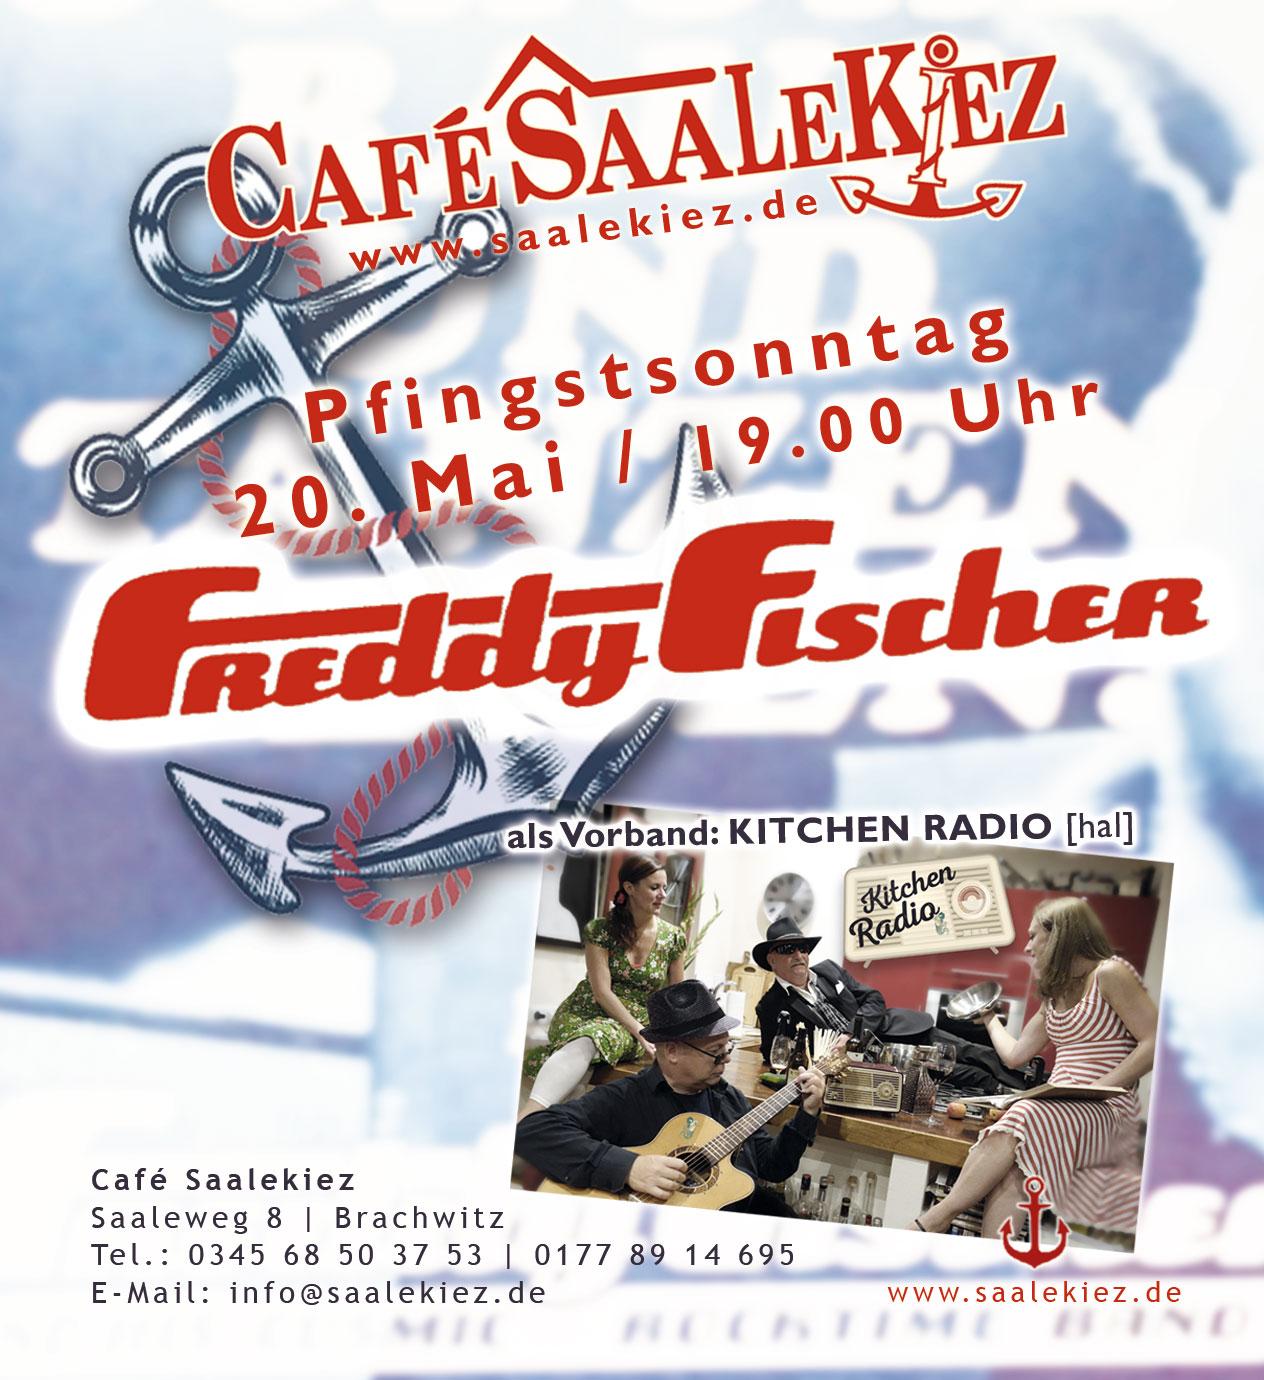 Freddy Fischer im Saalekiez, Supportband Kitchen Radio aus Halle